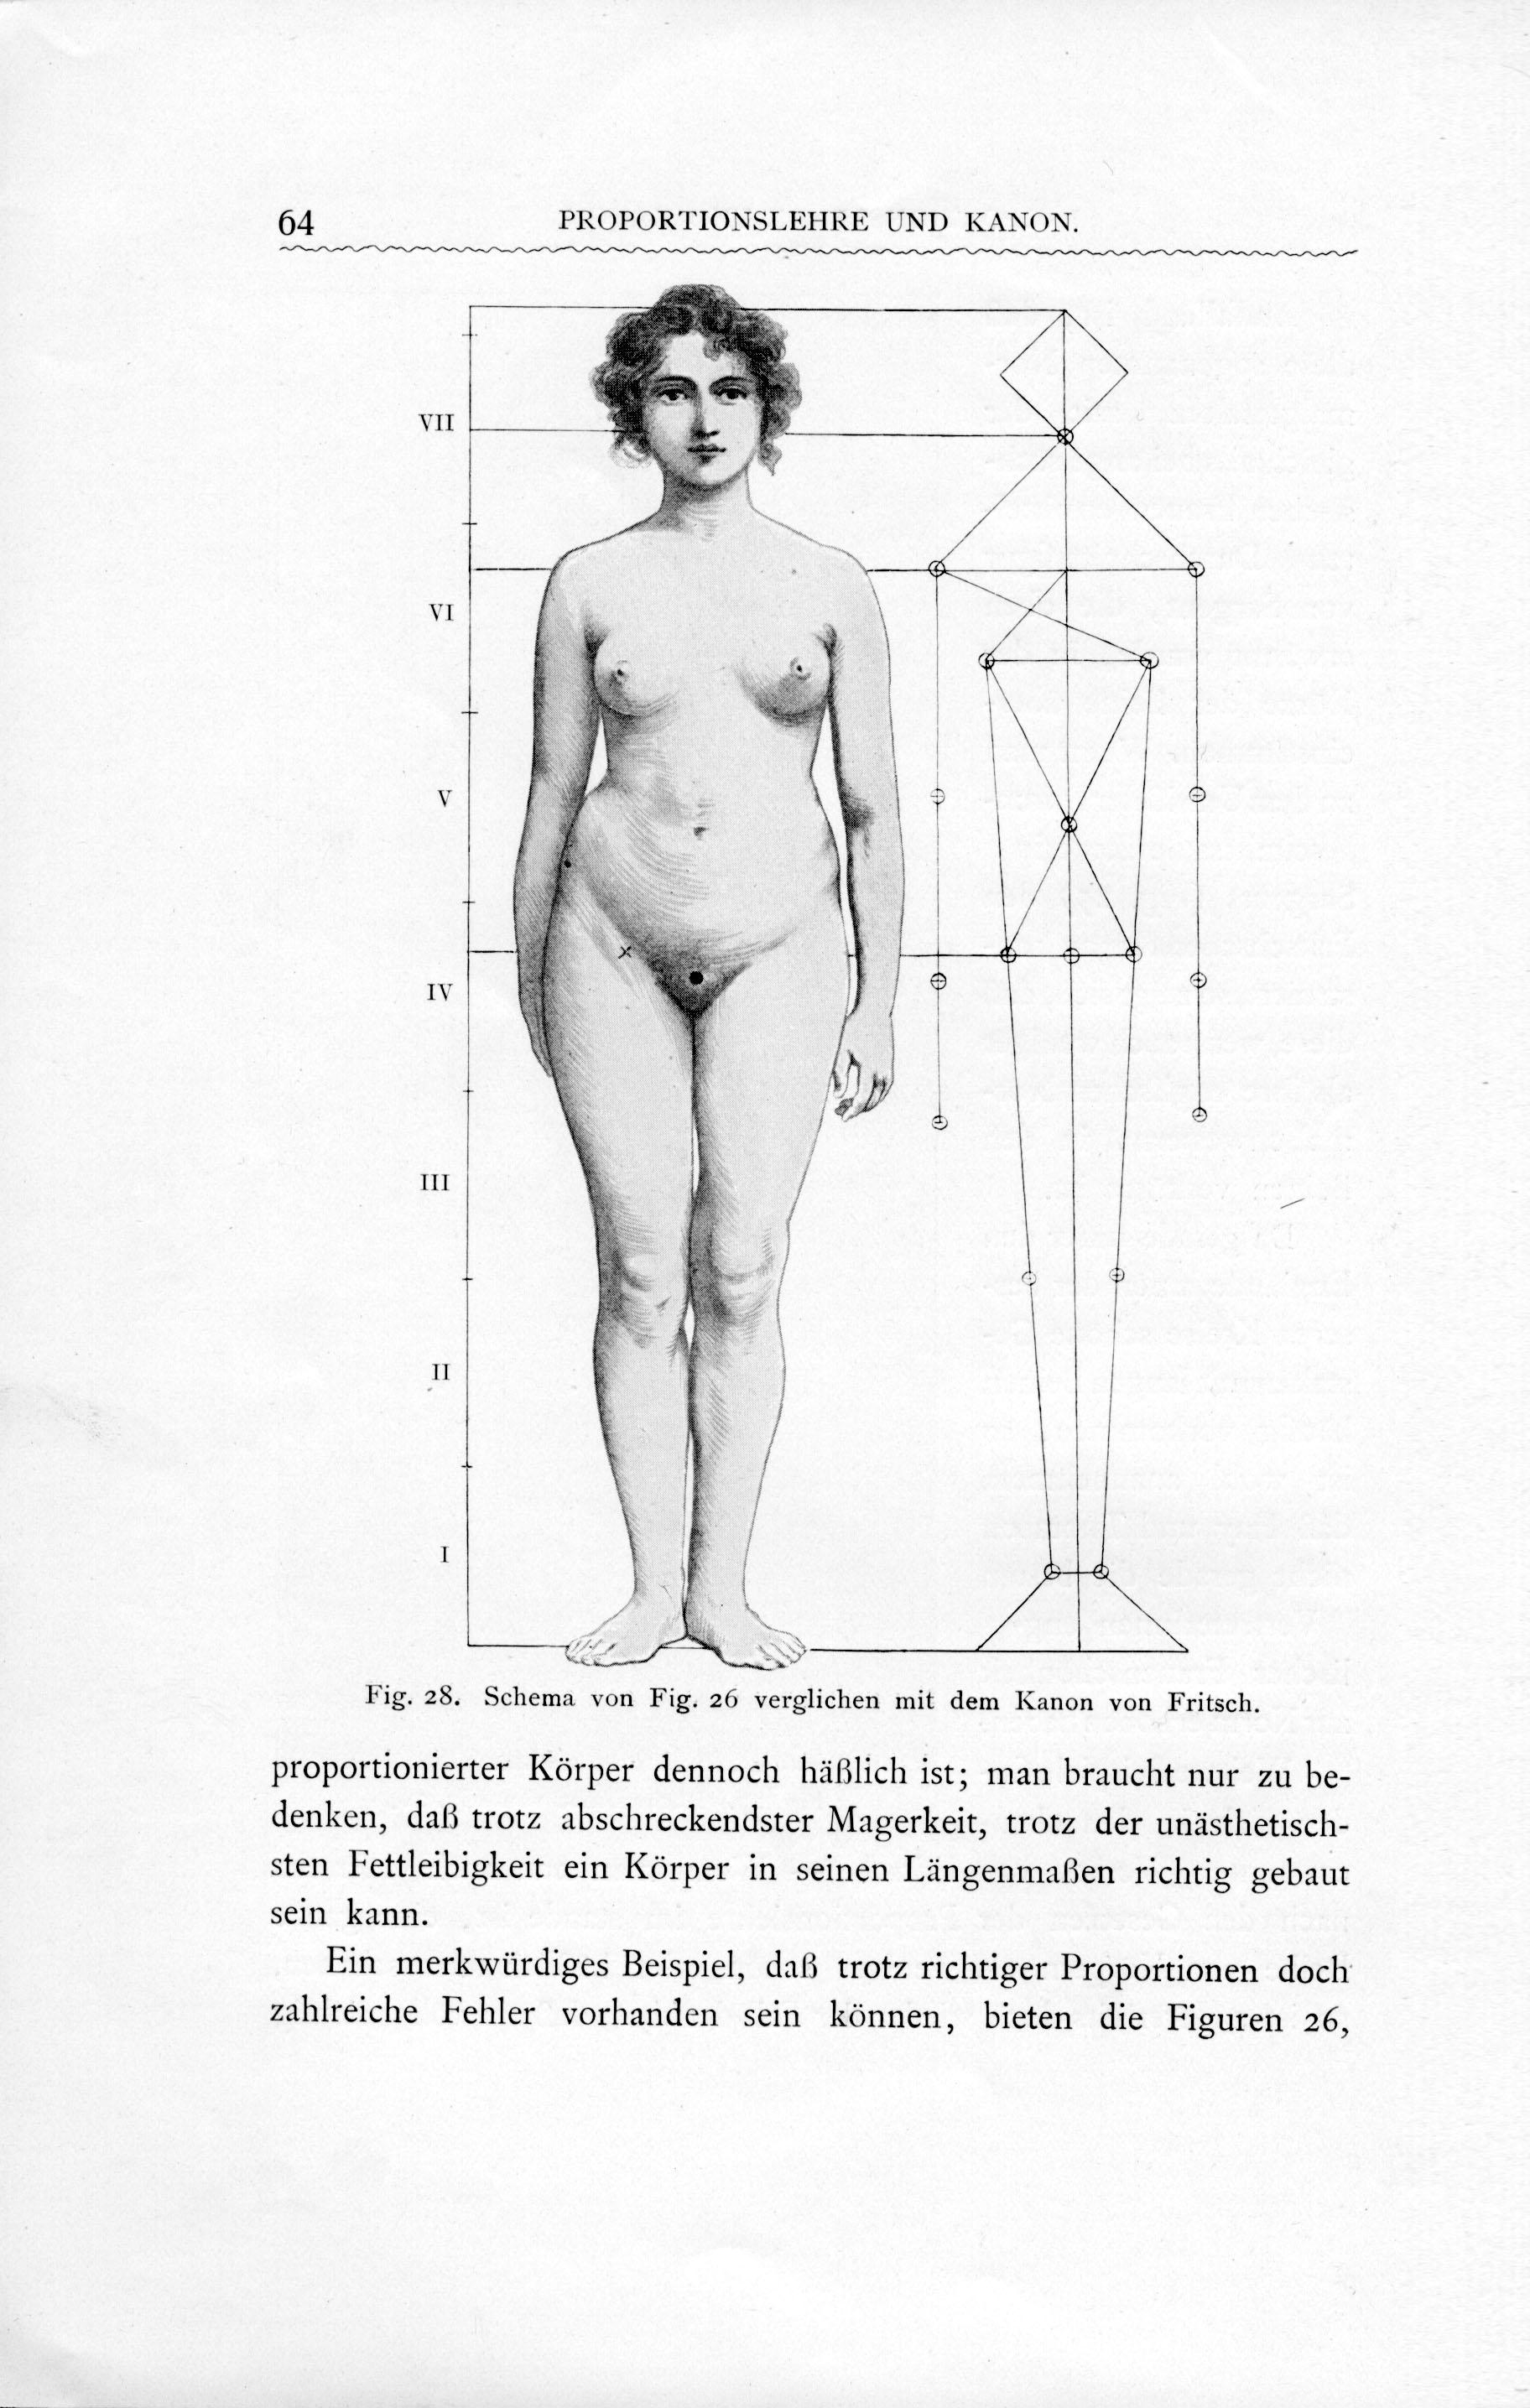 Charmant Innerhalb Weiblichen Körpers Zeitgenössisch - Menschliche ...